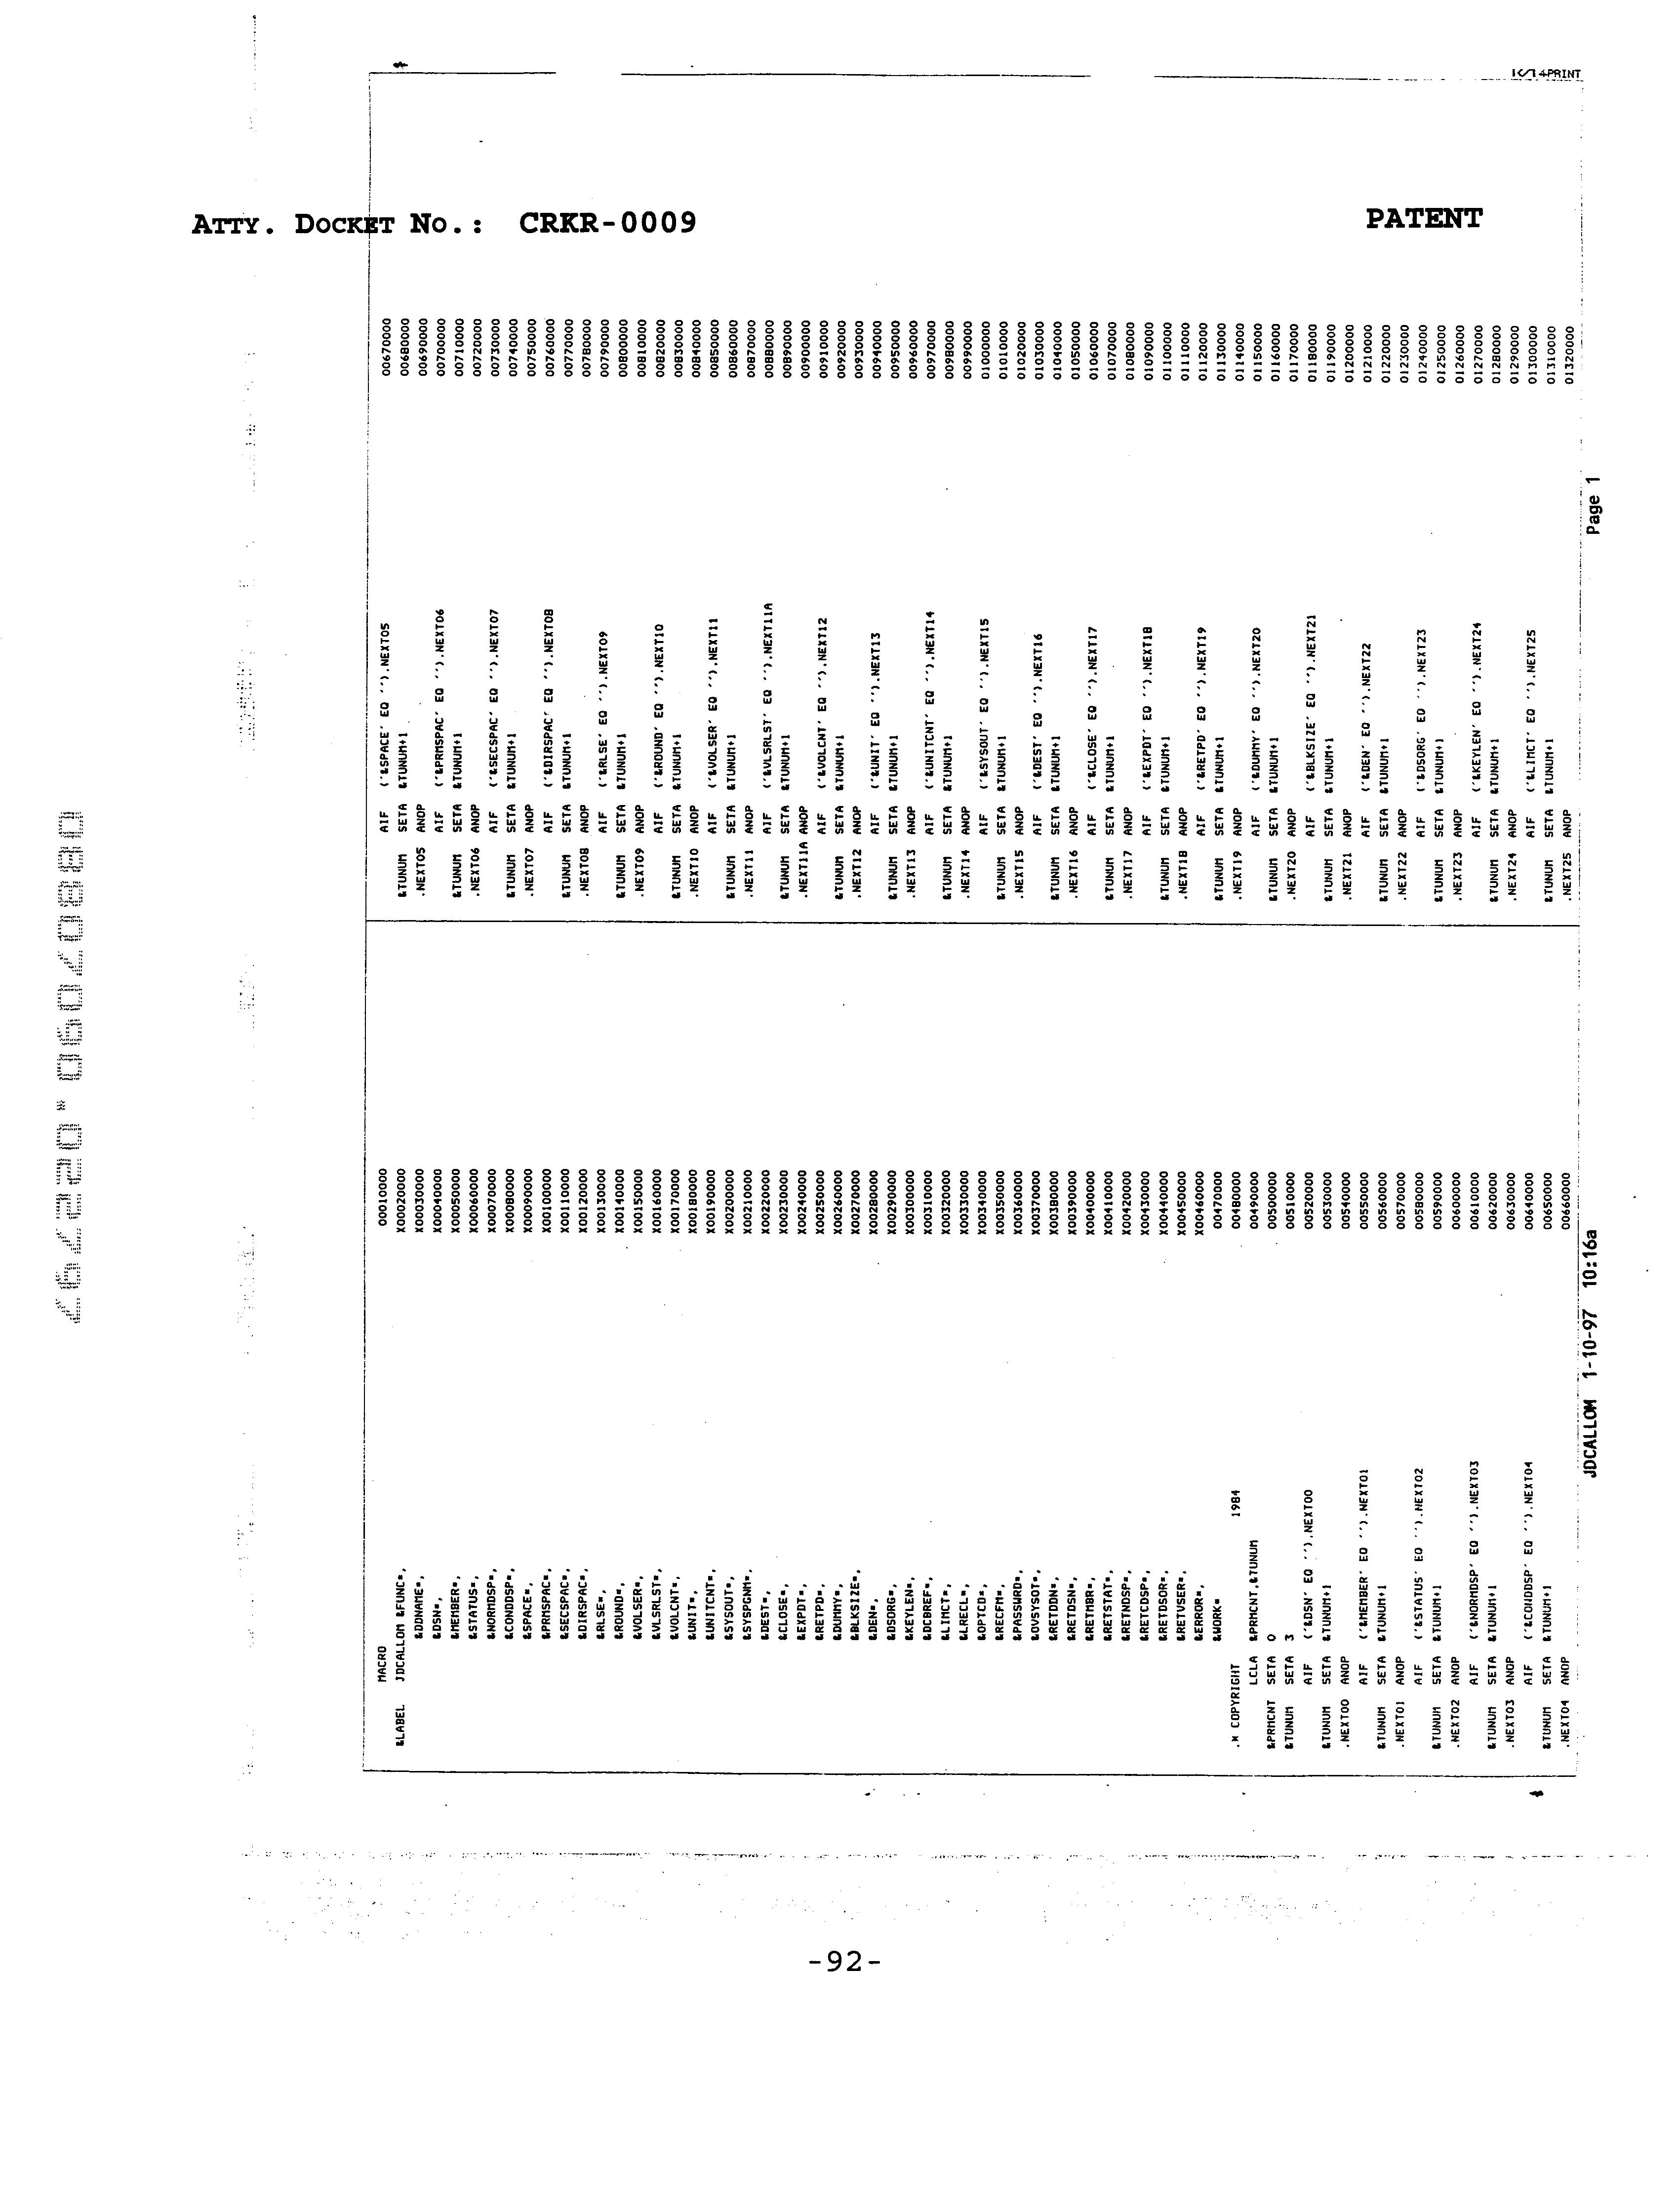 Figure US06301379-20011009-P00050